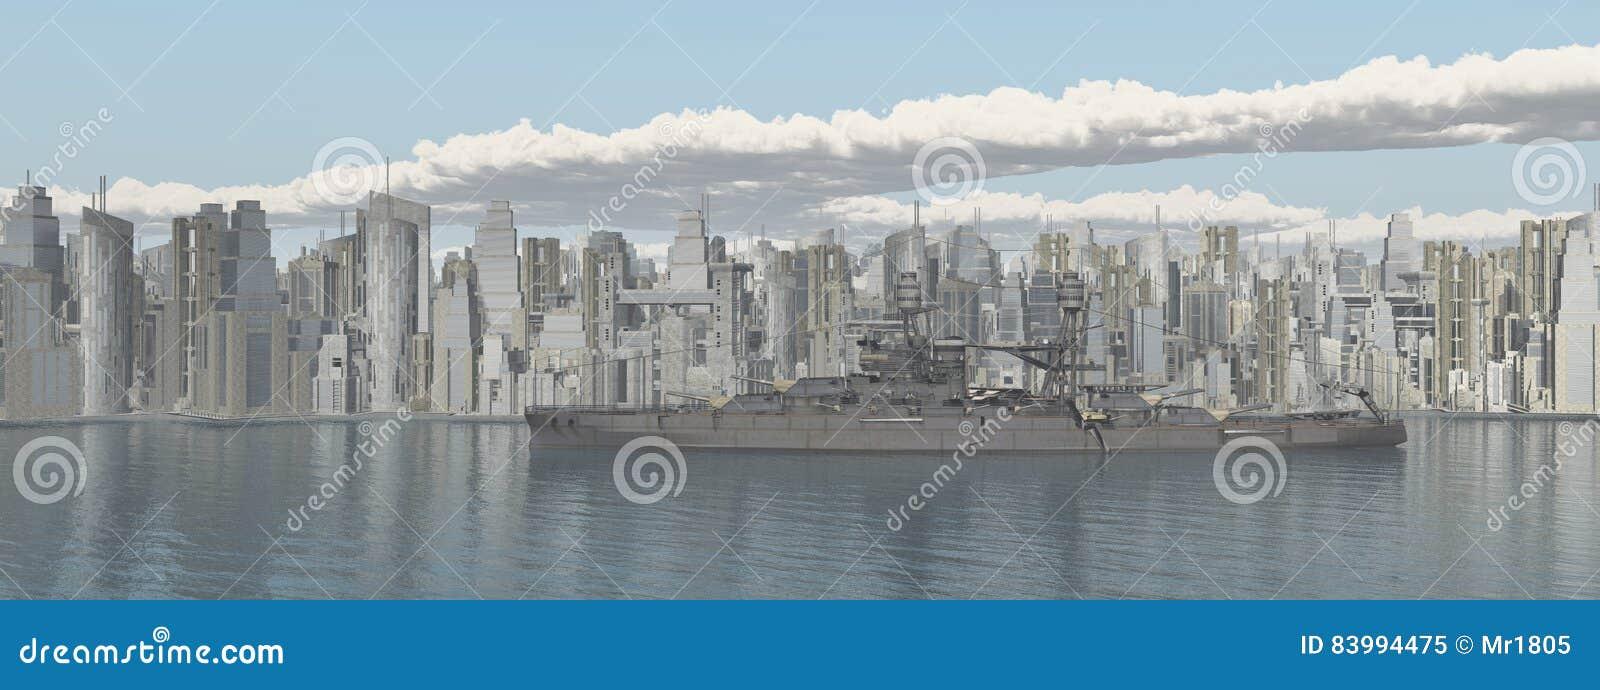 Cidade de beira-mar e navio de guerra americano da segunda guerra mundial